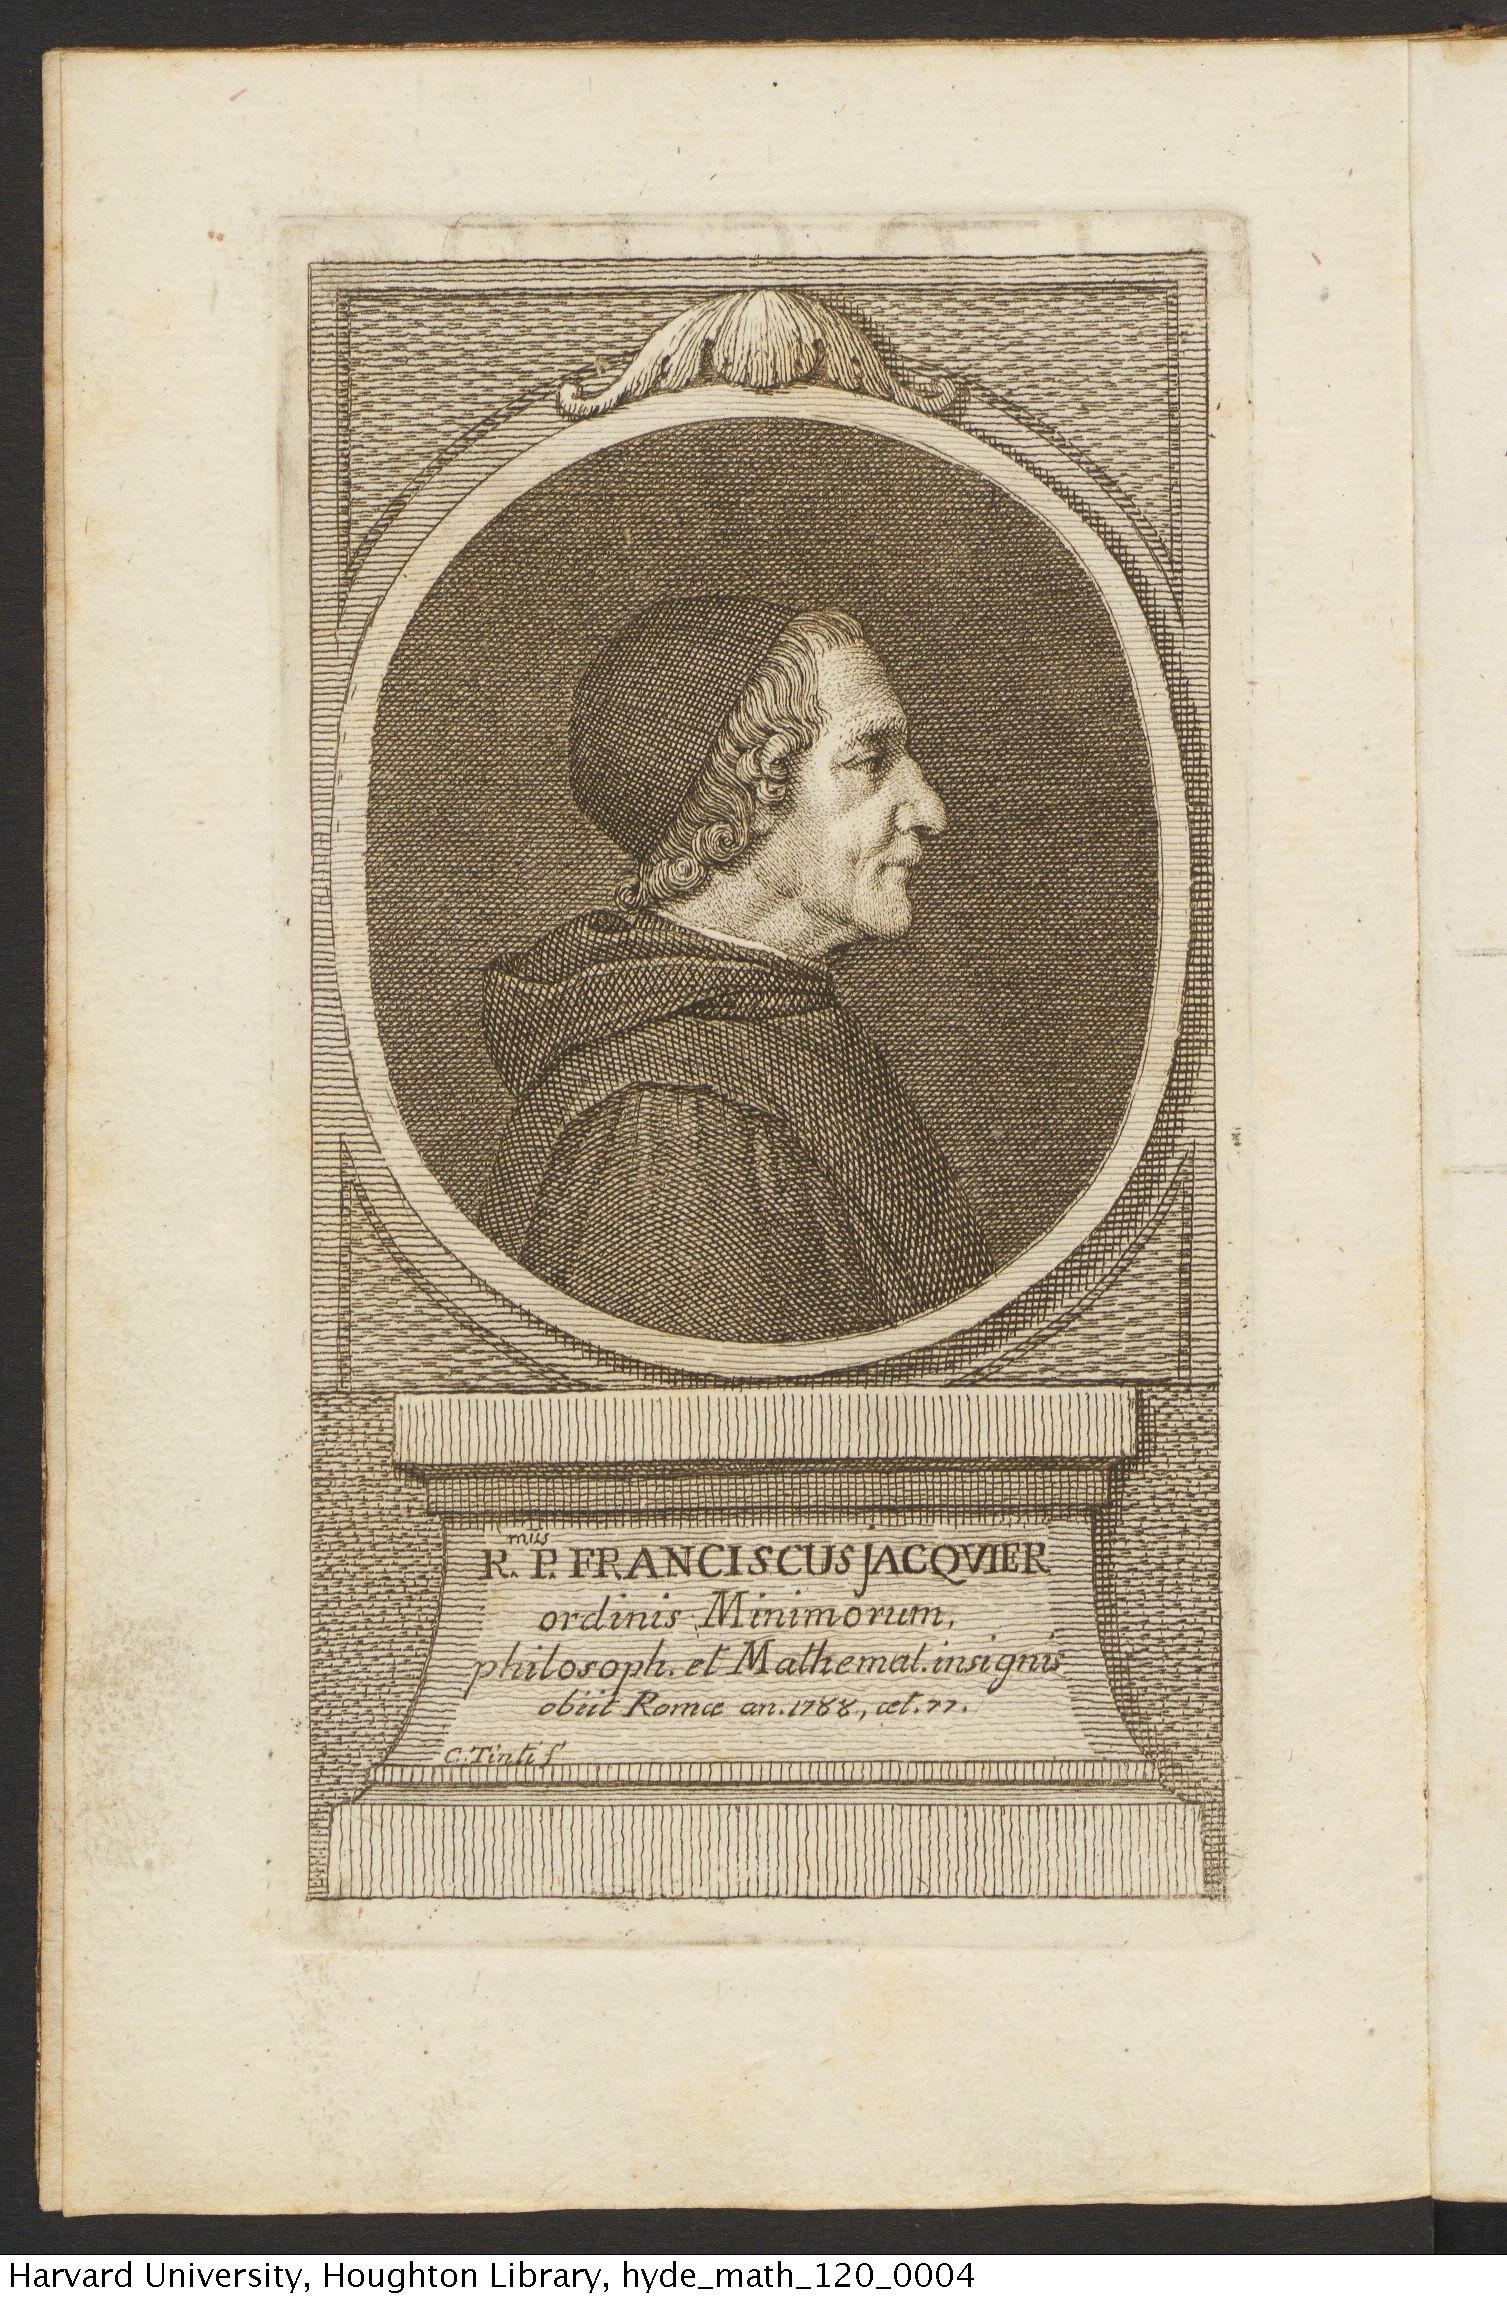 Avanzo, Giovanni Battista. Elogio del celebre P. Jacquier, 1790. Math 120*